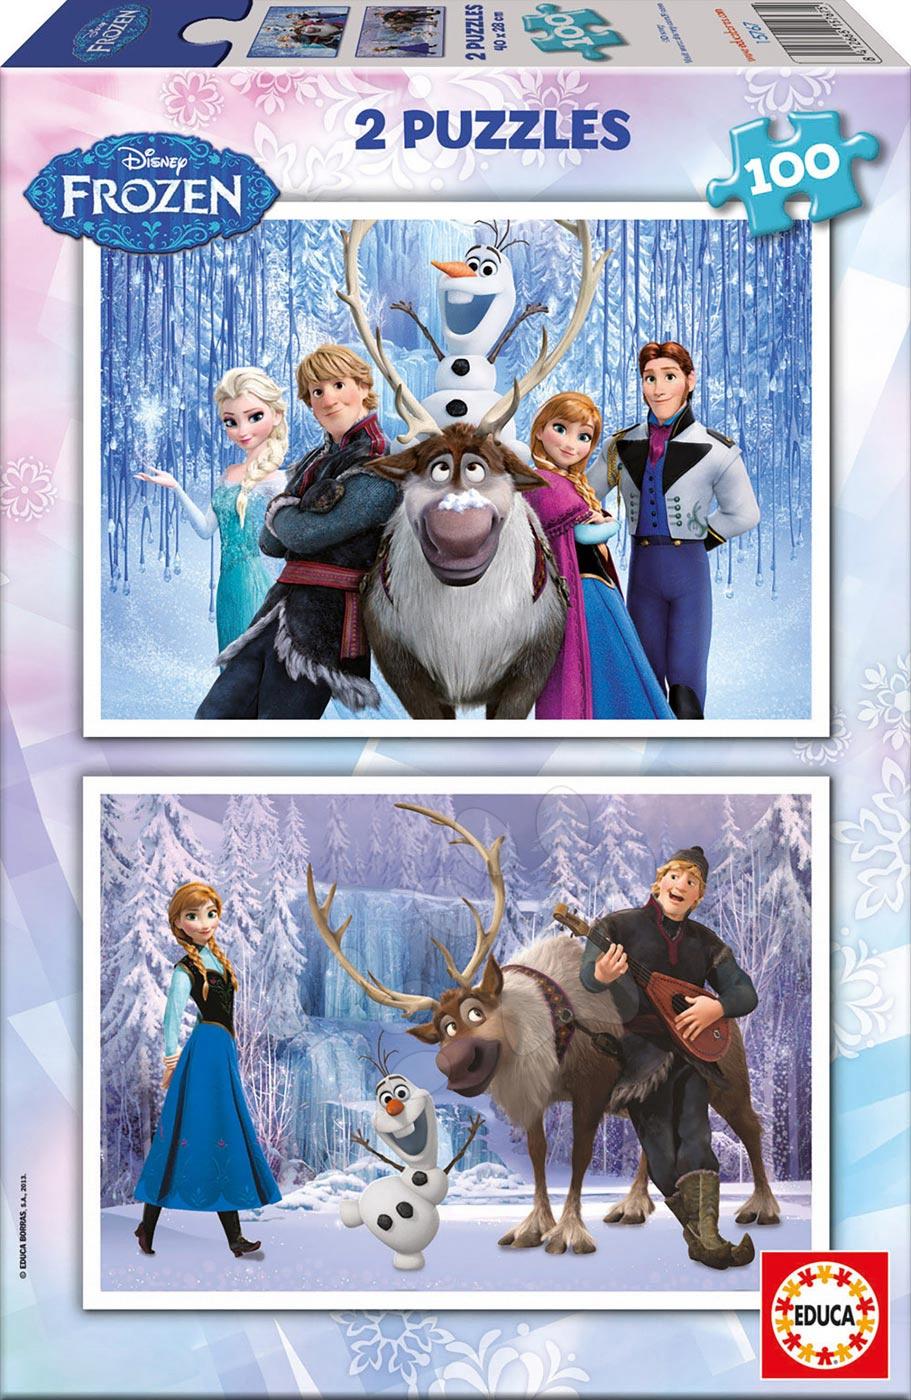 Detské puzzle od 100-300 dielov - Puzzle Frozen - Ľadové kráľovstvo Educa 2x100 dielov od 5 rokov